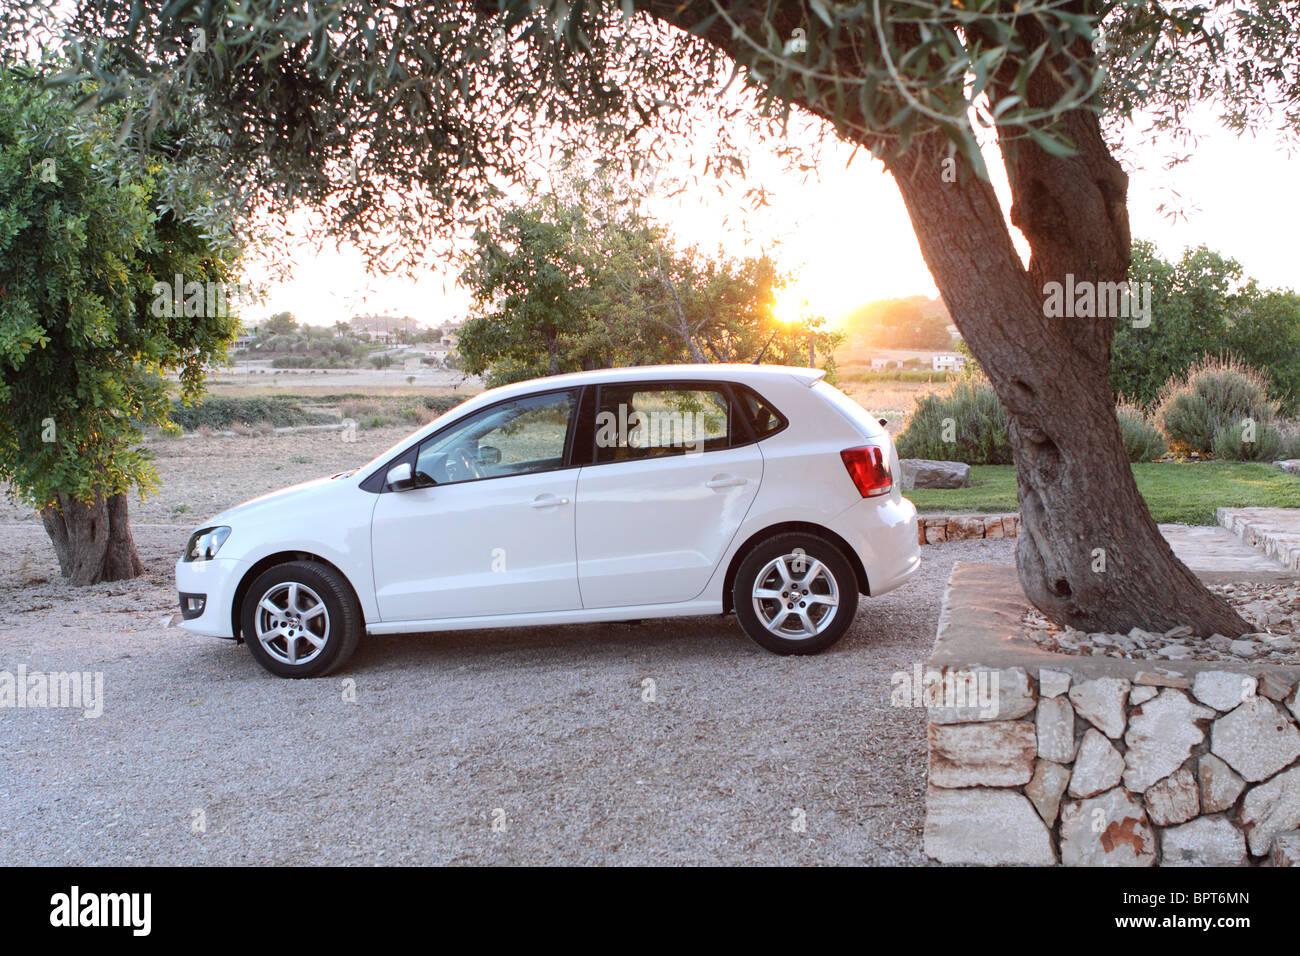 Mallorca holiday car rental rented car at rural villa Majorca Spain - Stock Image